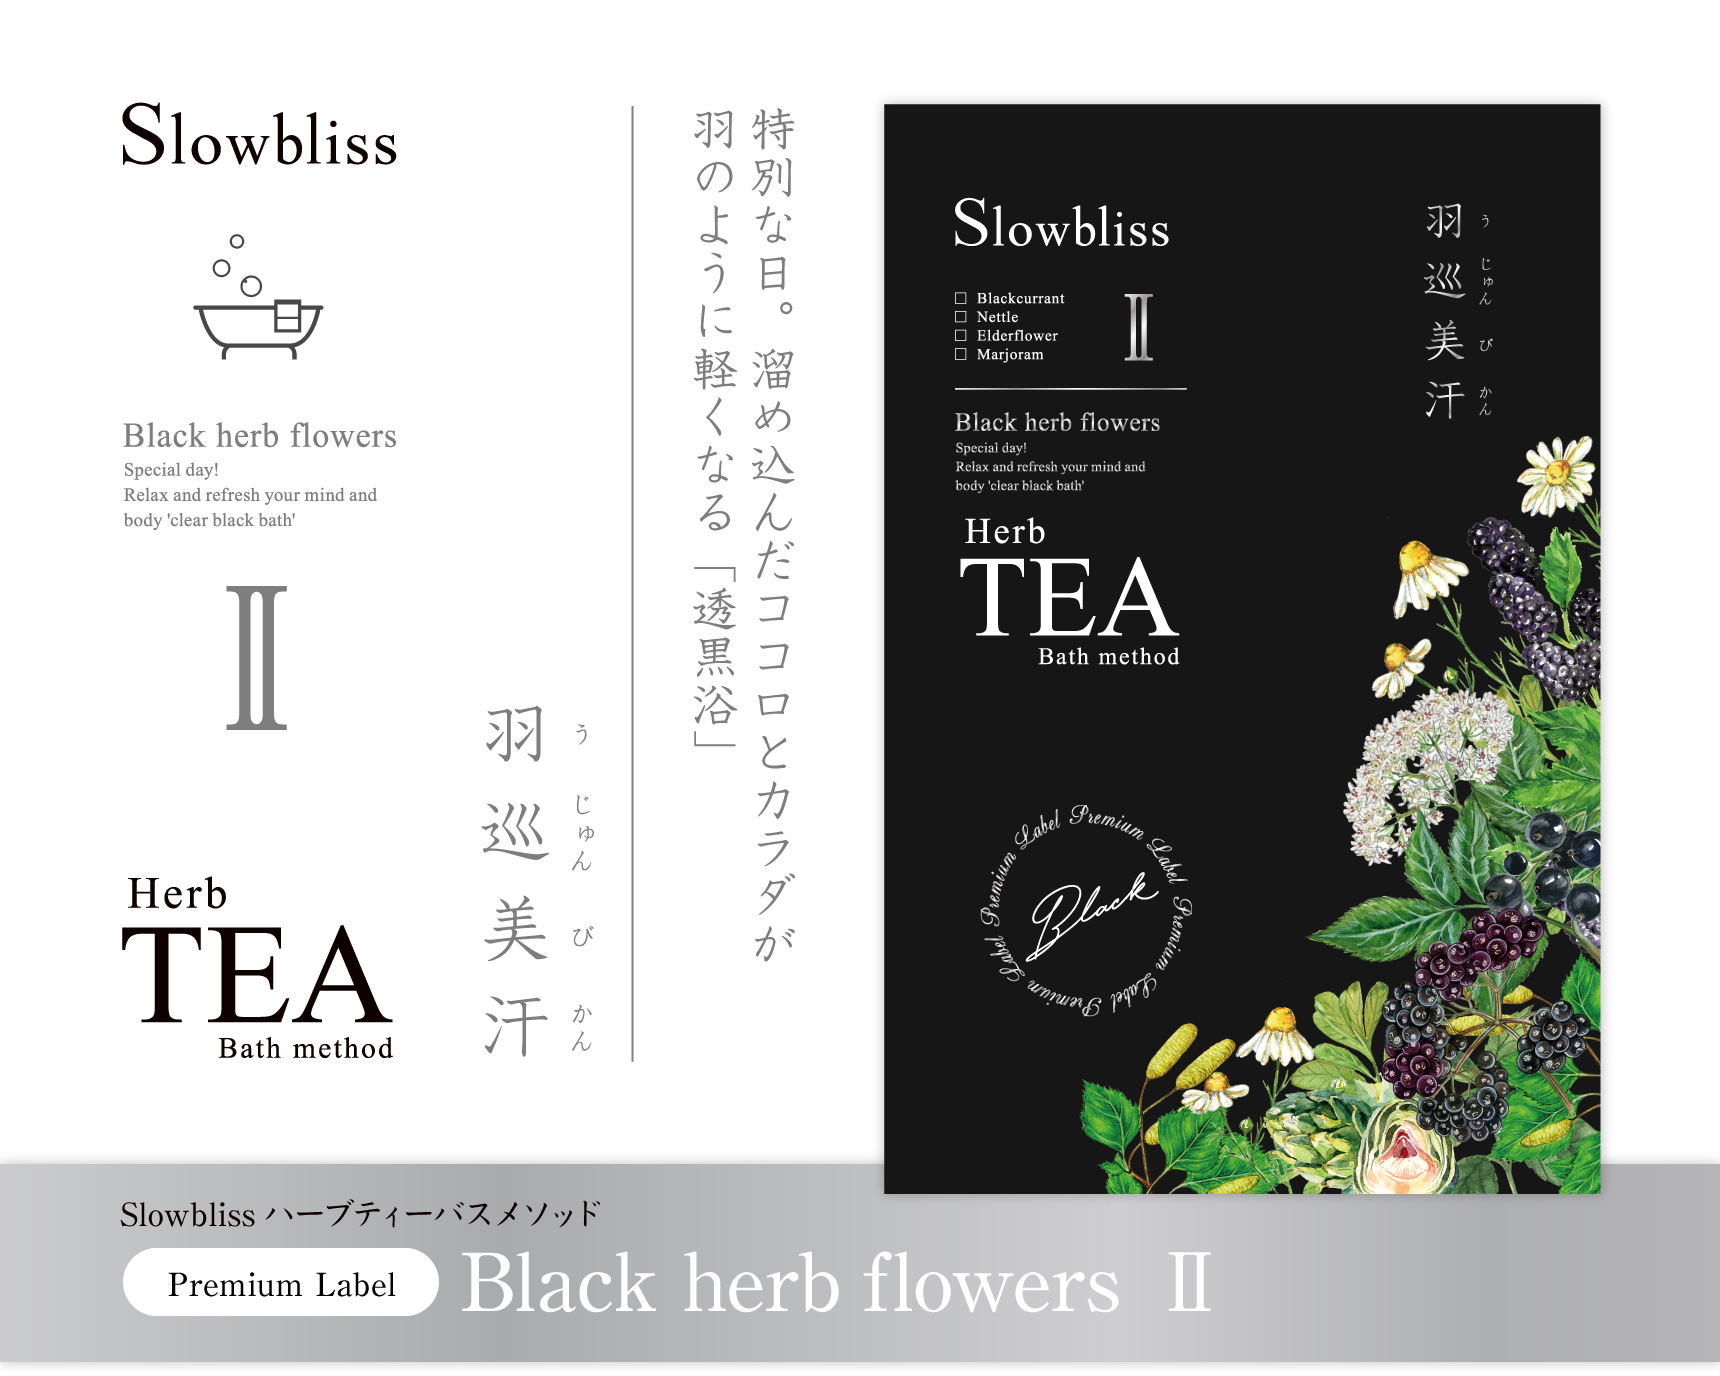 Slowbliss ハーブティバスメソッド Black herb flowers Ⅱ